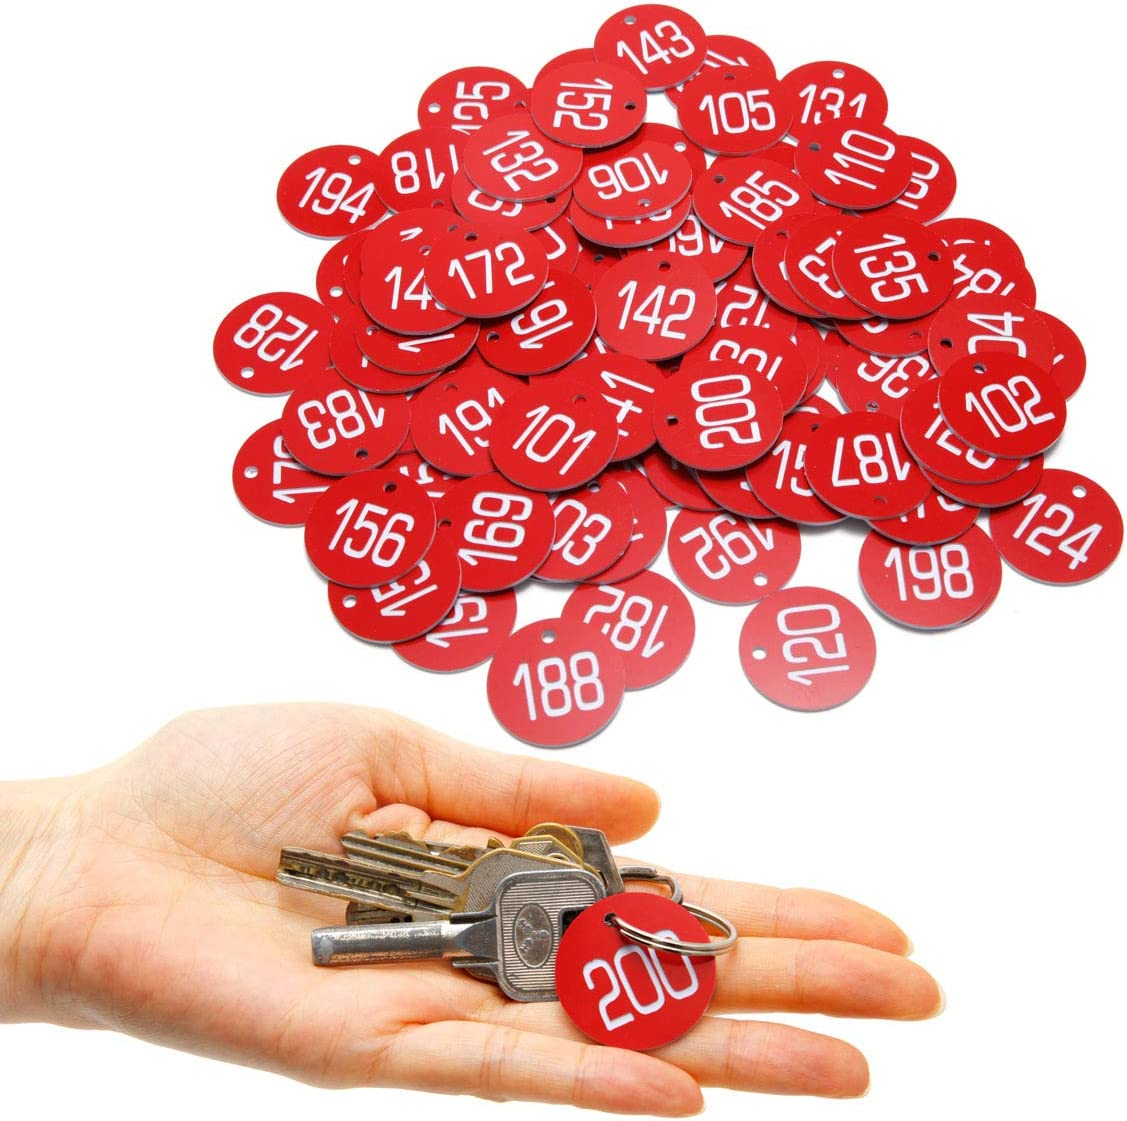 Nummerierte 101-200 Kennzeichnungsmarken Schlüsselmarken für Schlüsselanhänger